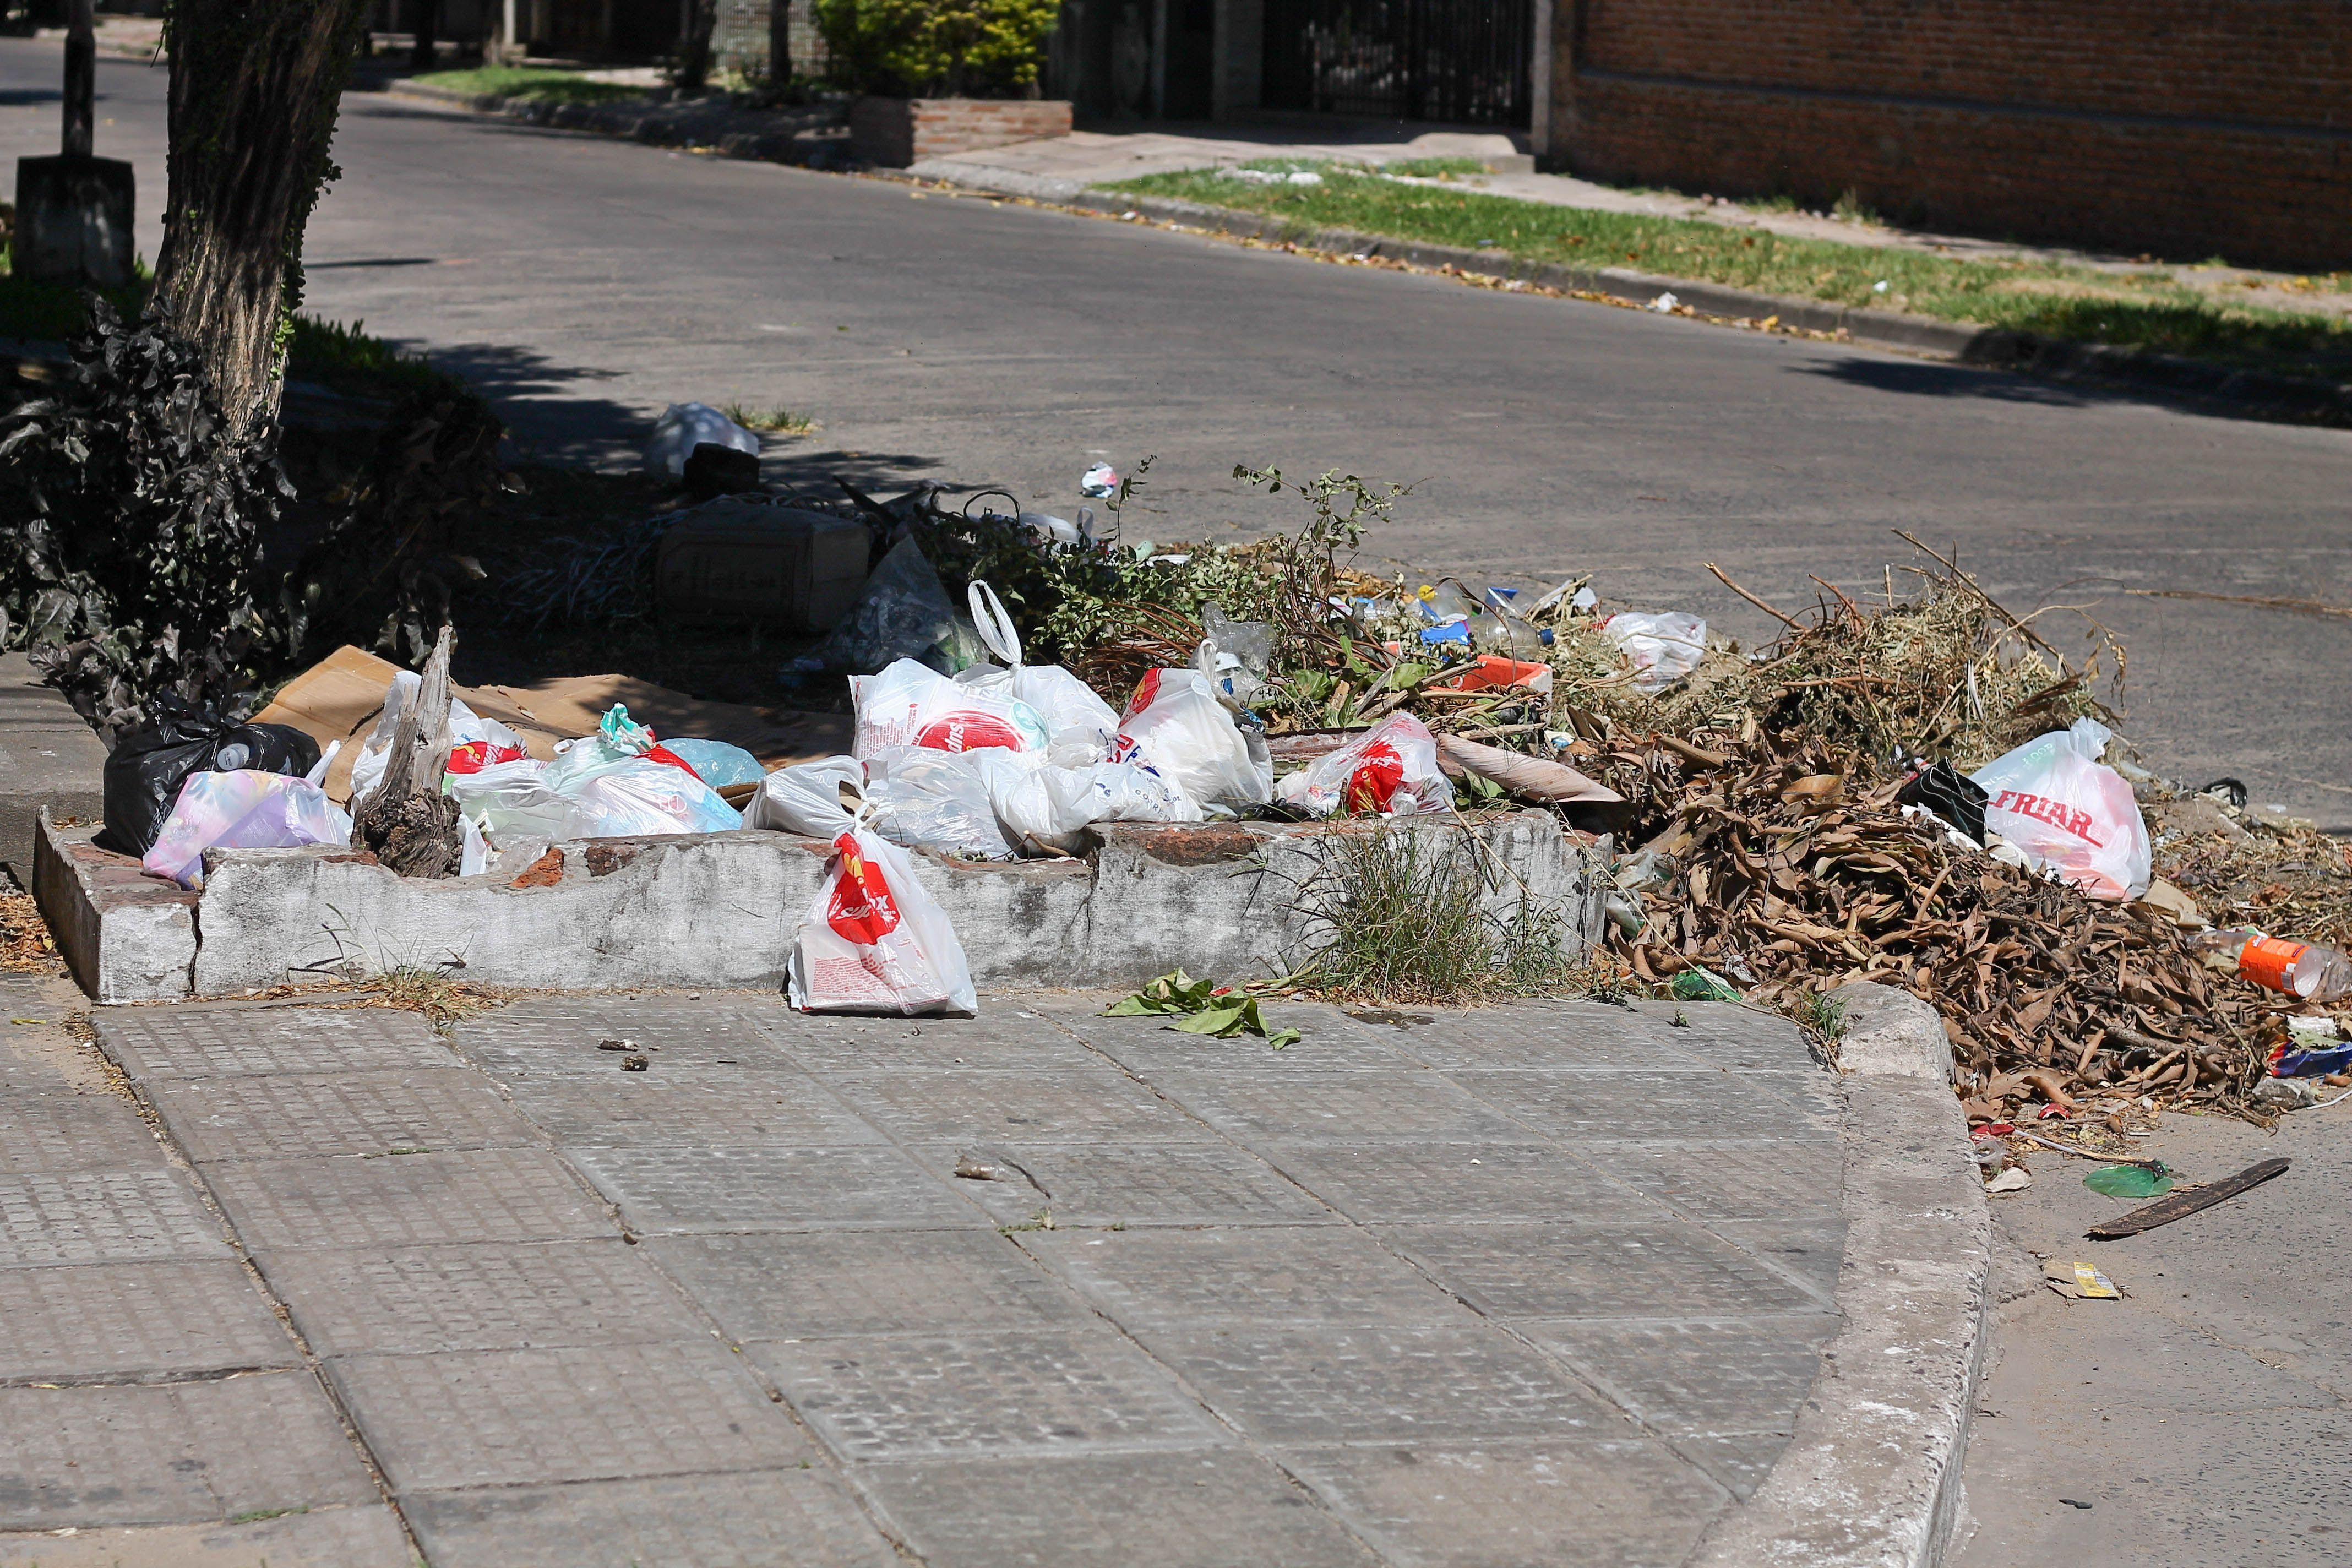 basura-en-las-calles-2